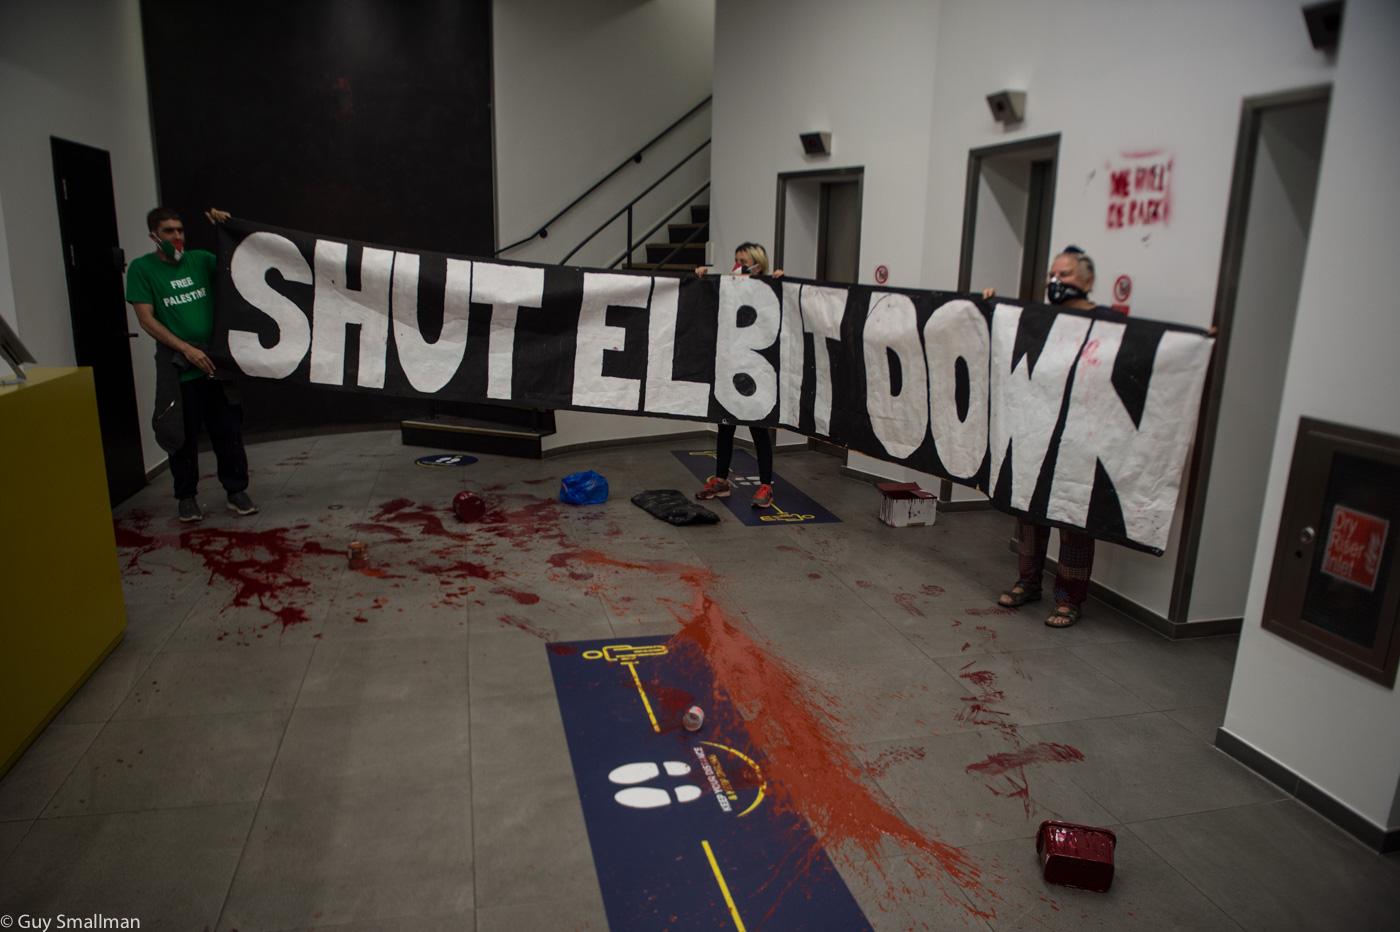 Shut Elbit Down